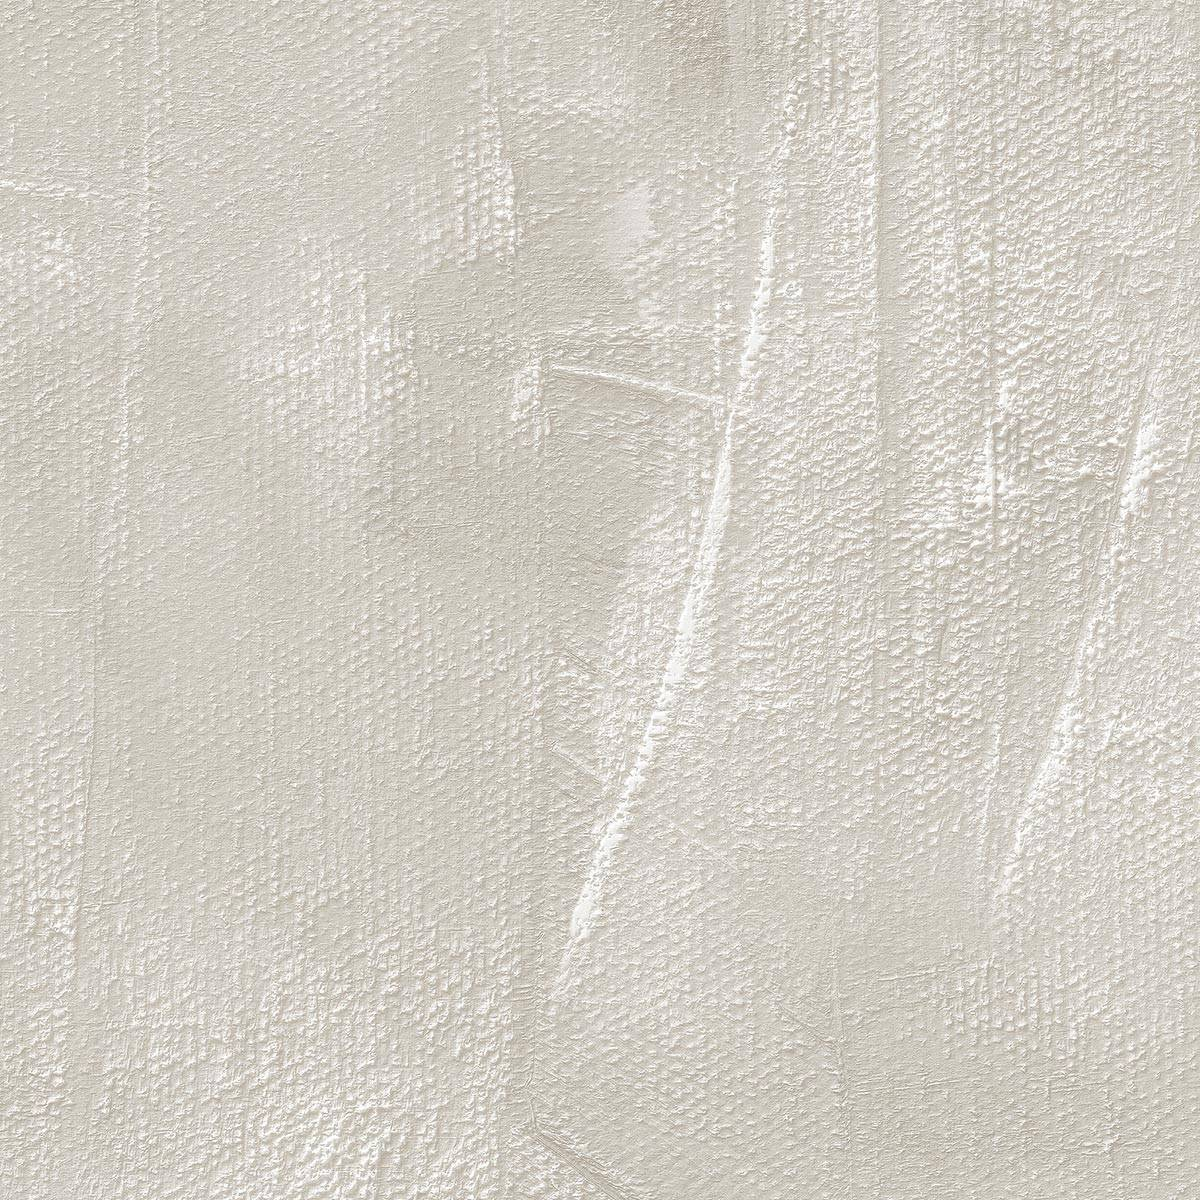 Papel de Parede Cimento Queimado Claro | Adesivo Vinilico imagem 1